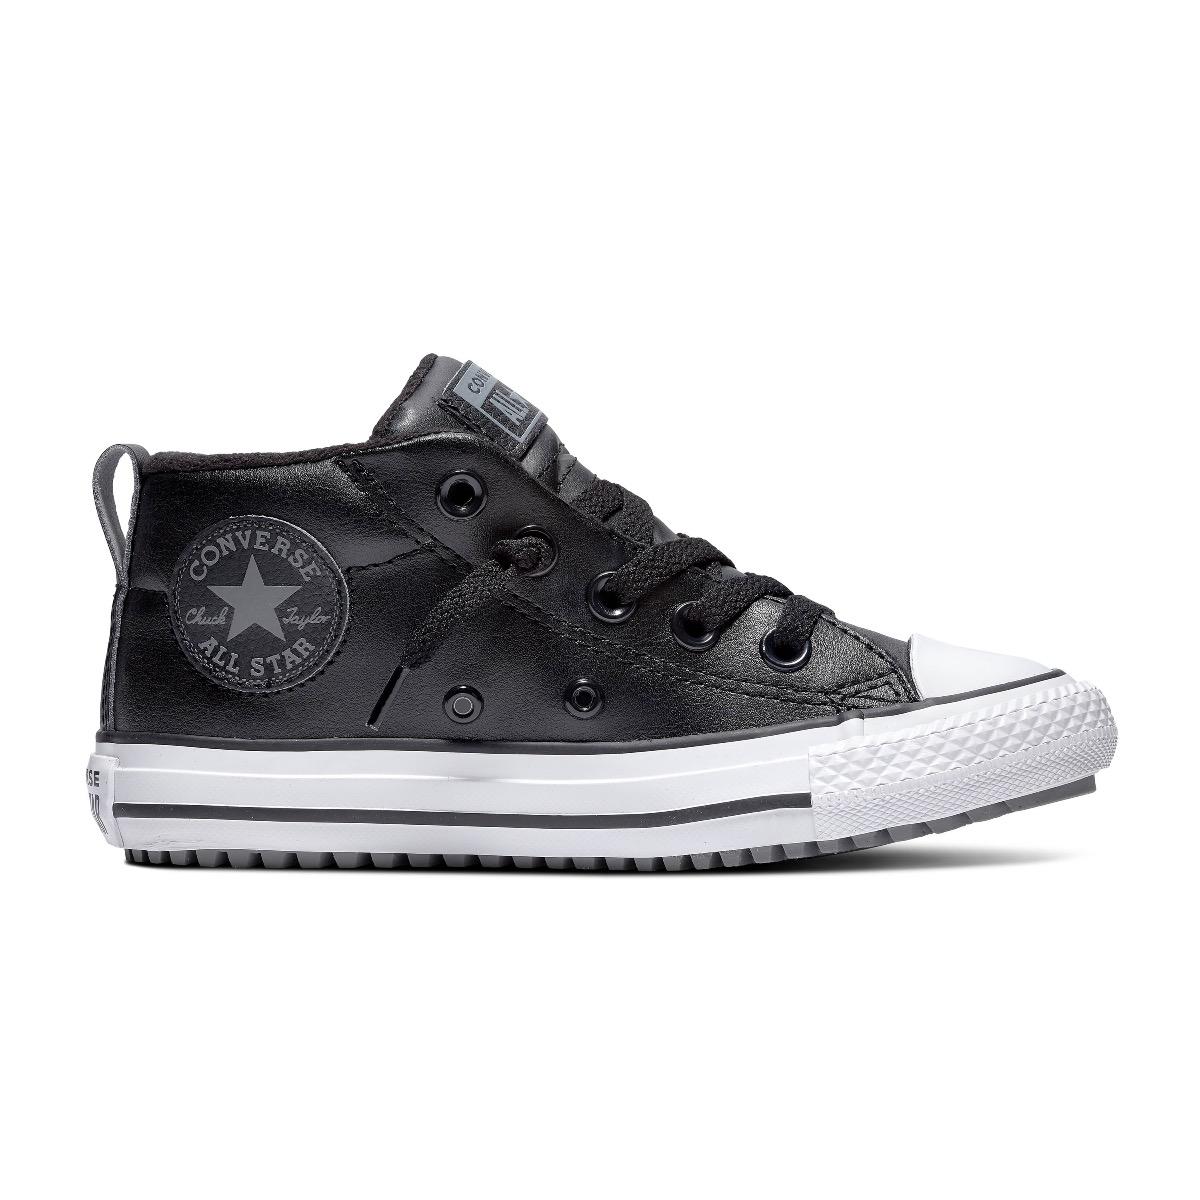 Converse All Stars Chuck Taylor Street Boot 666007C Zwart - Wit-37 maat 37